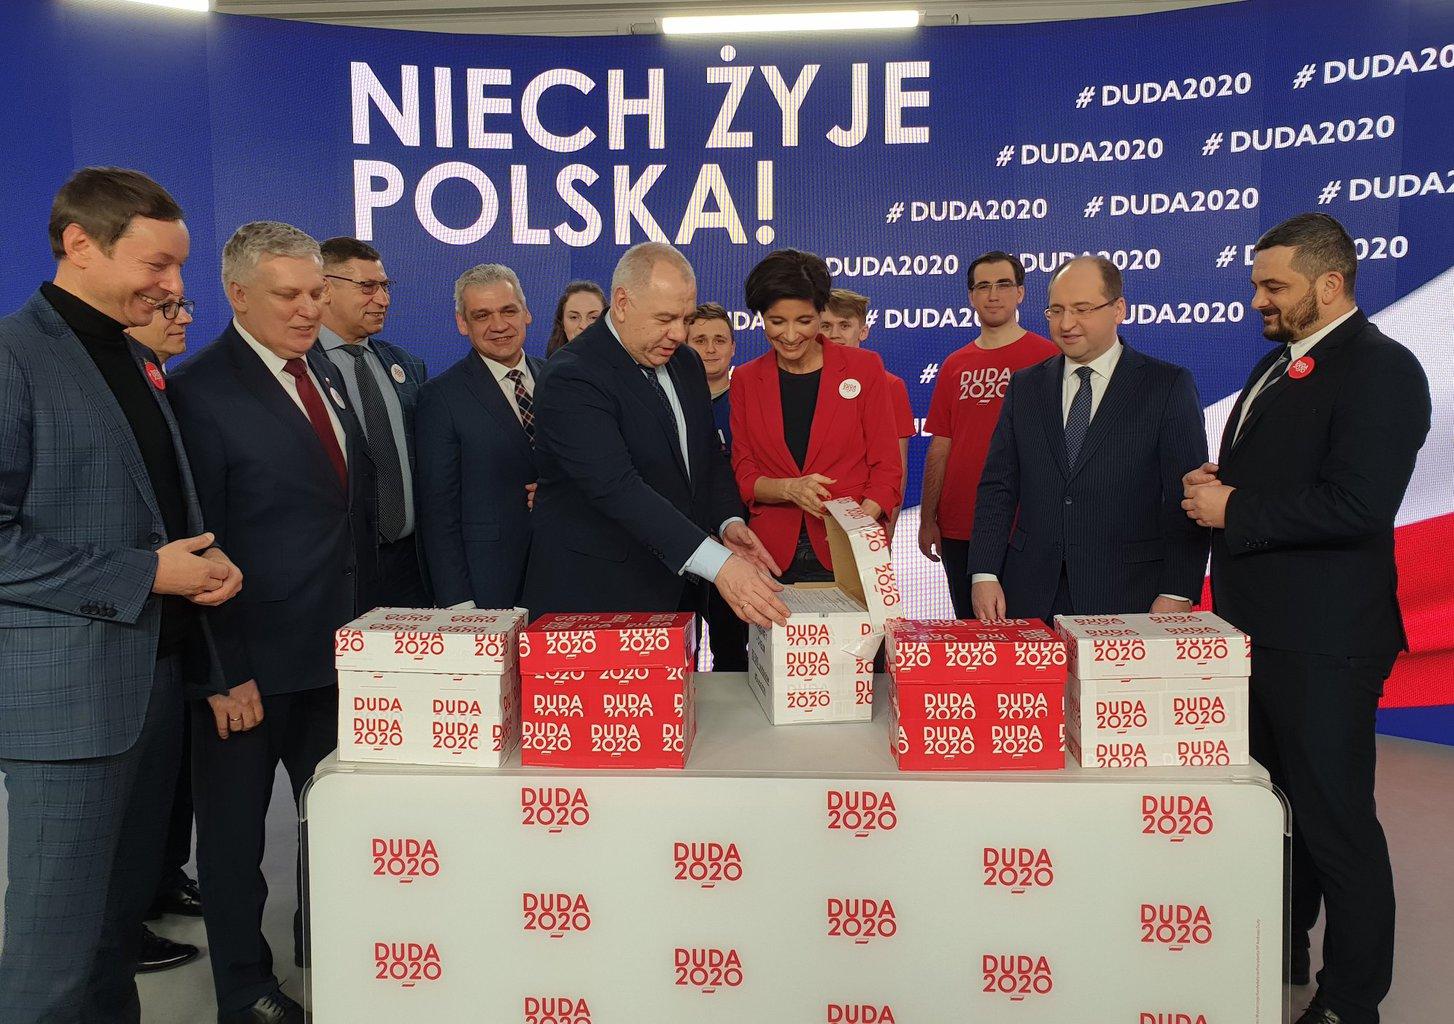 Az elnökválasztás favoritja a jelenlegi államfő Andrzej Duda, akinek esélyeit csak növeli a jelenlegi helyzet, hiszen posztjából adódóan jóval több média megjelenéshez jut, mint vetélytársai #moszkvater